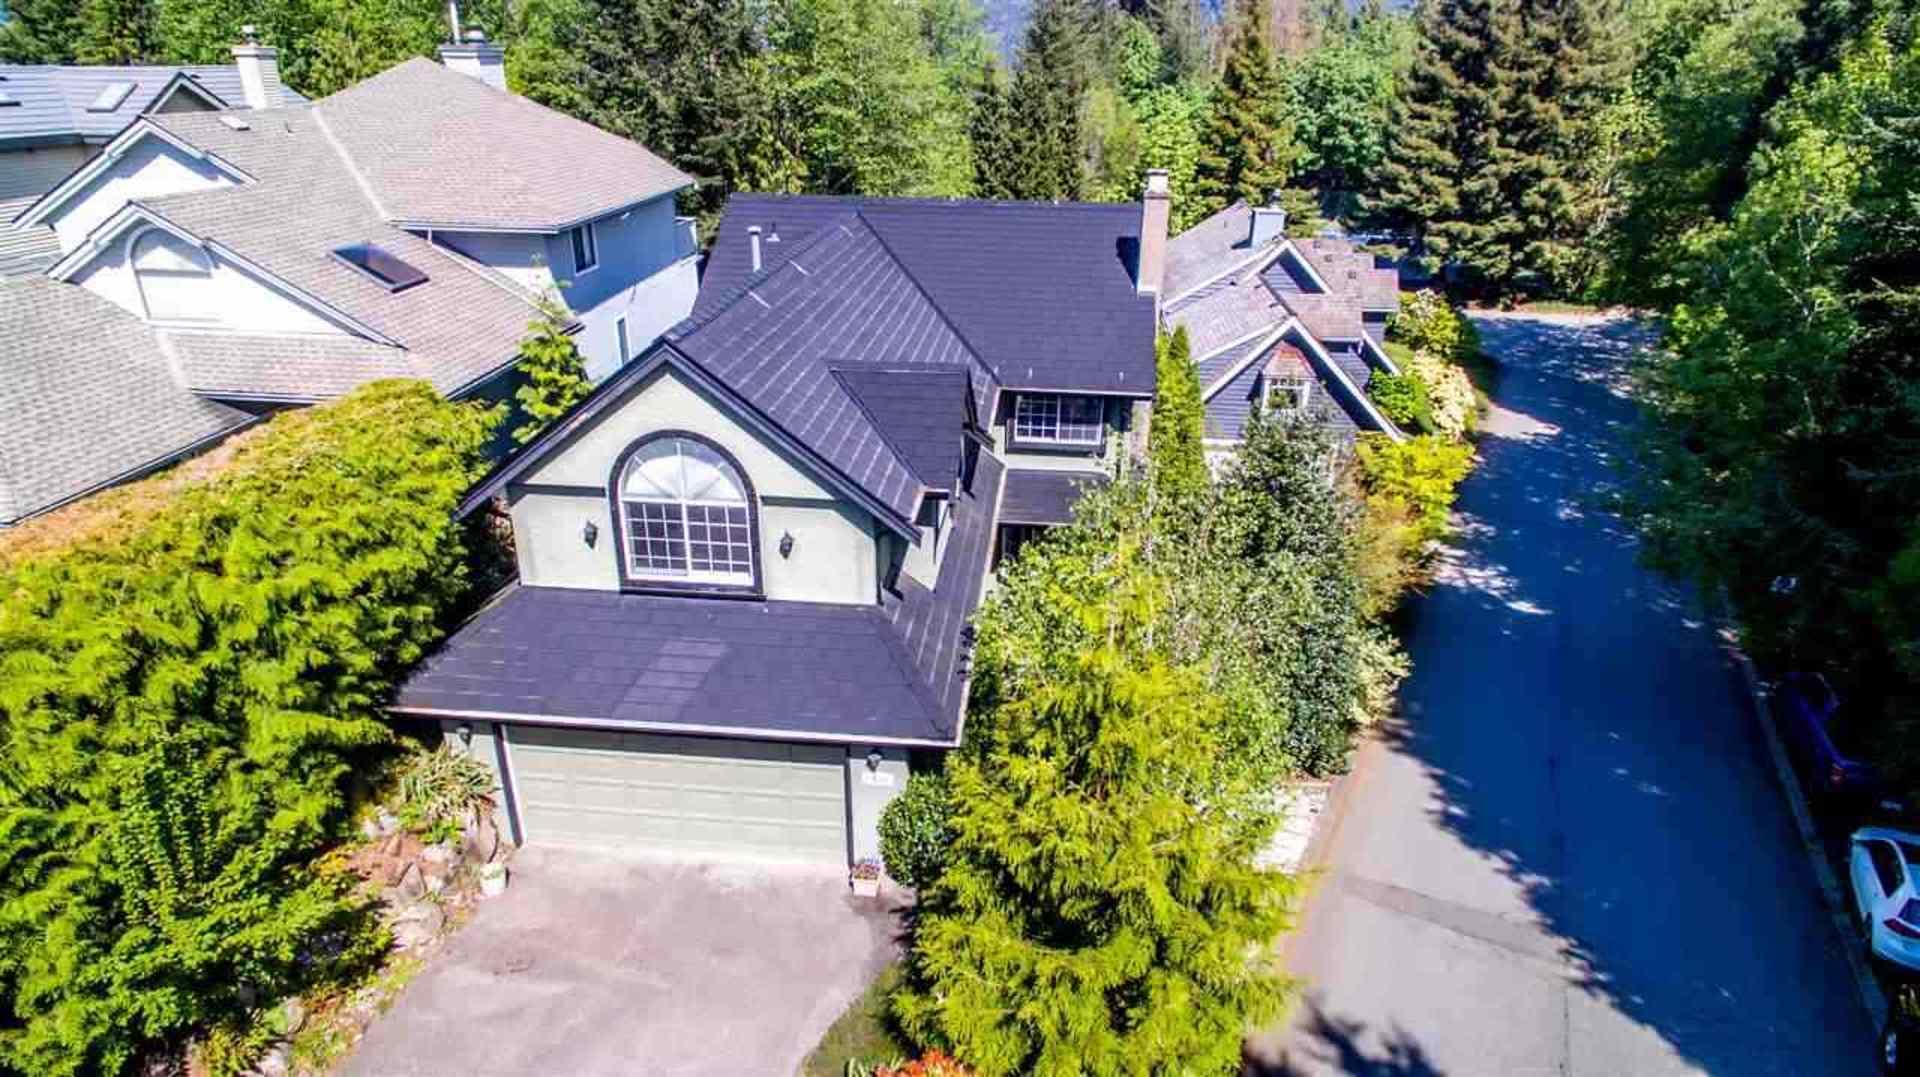 5496-monte-bre-crescent-upper-caulfeild-west-vancouver-01 at 5496 Monte Bre Crescent, Upper Caulfeild, West Vancouver